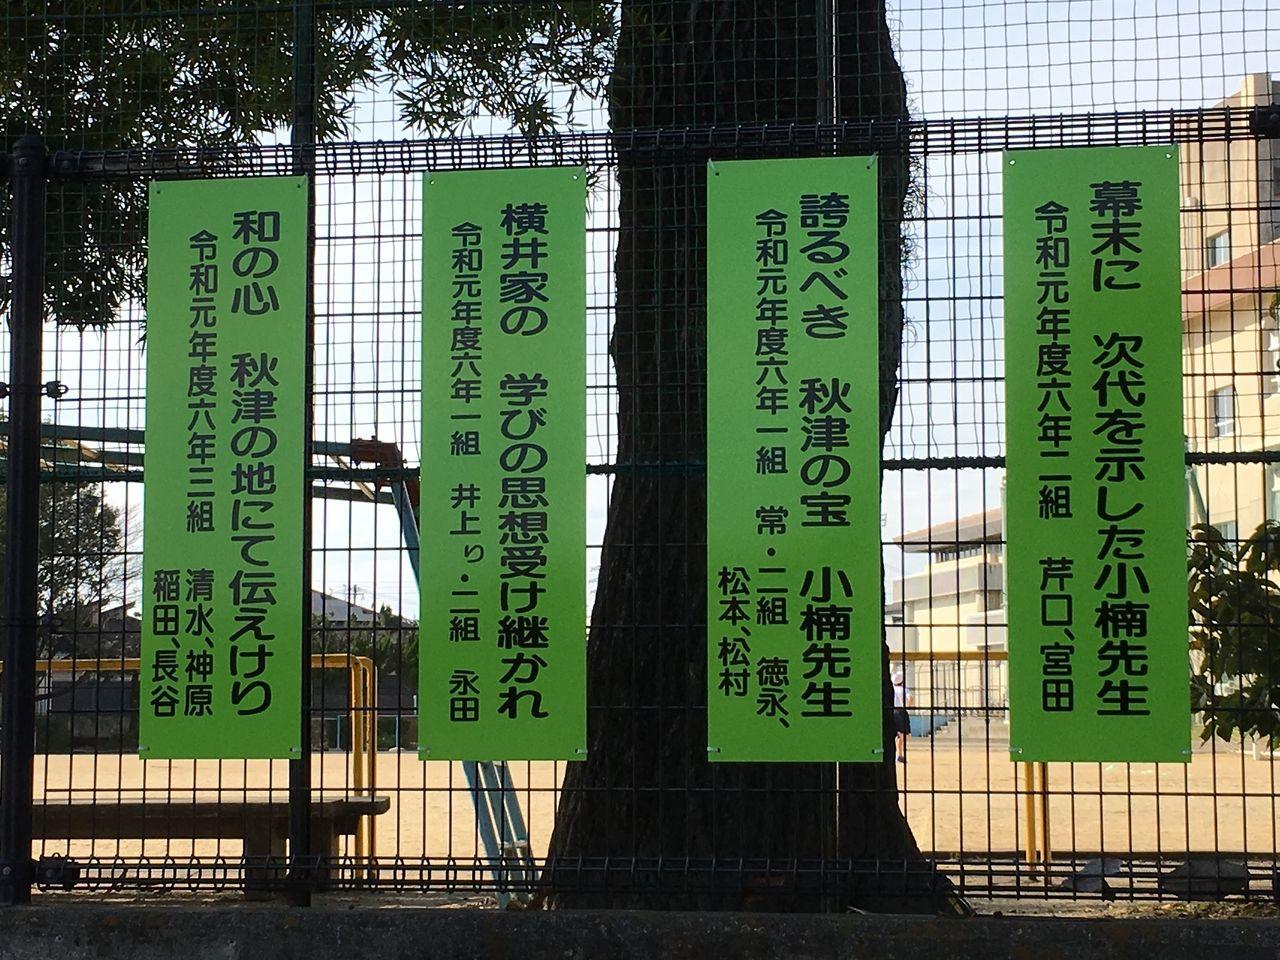 秋津小あいさつ通りに掲示された標語